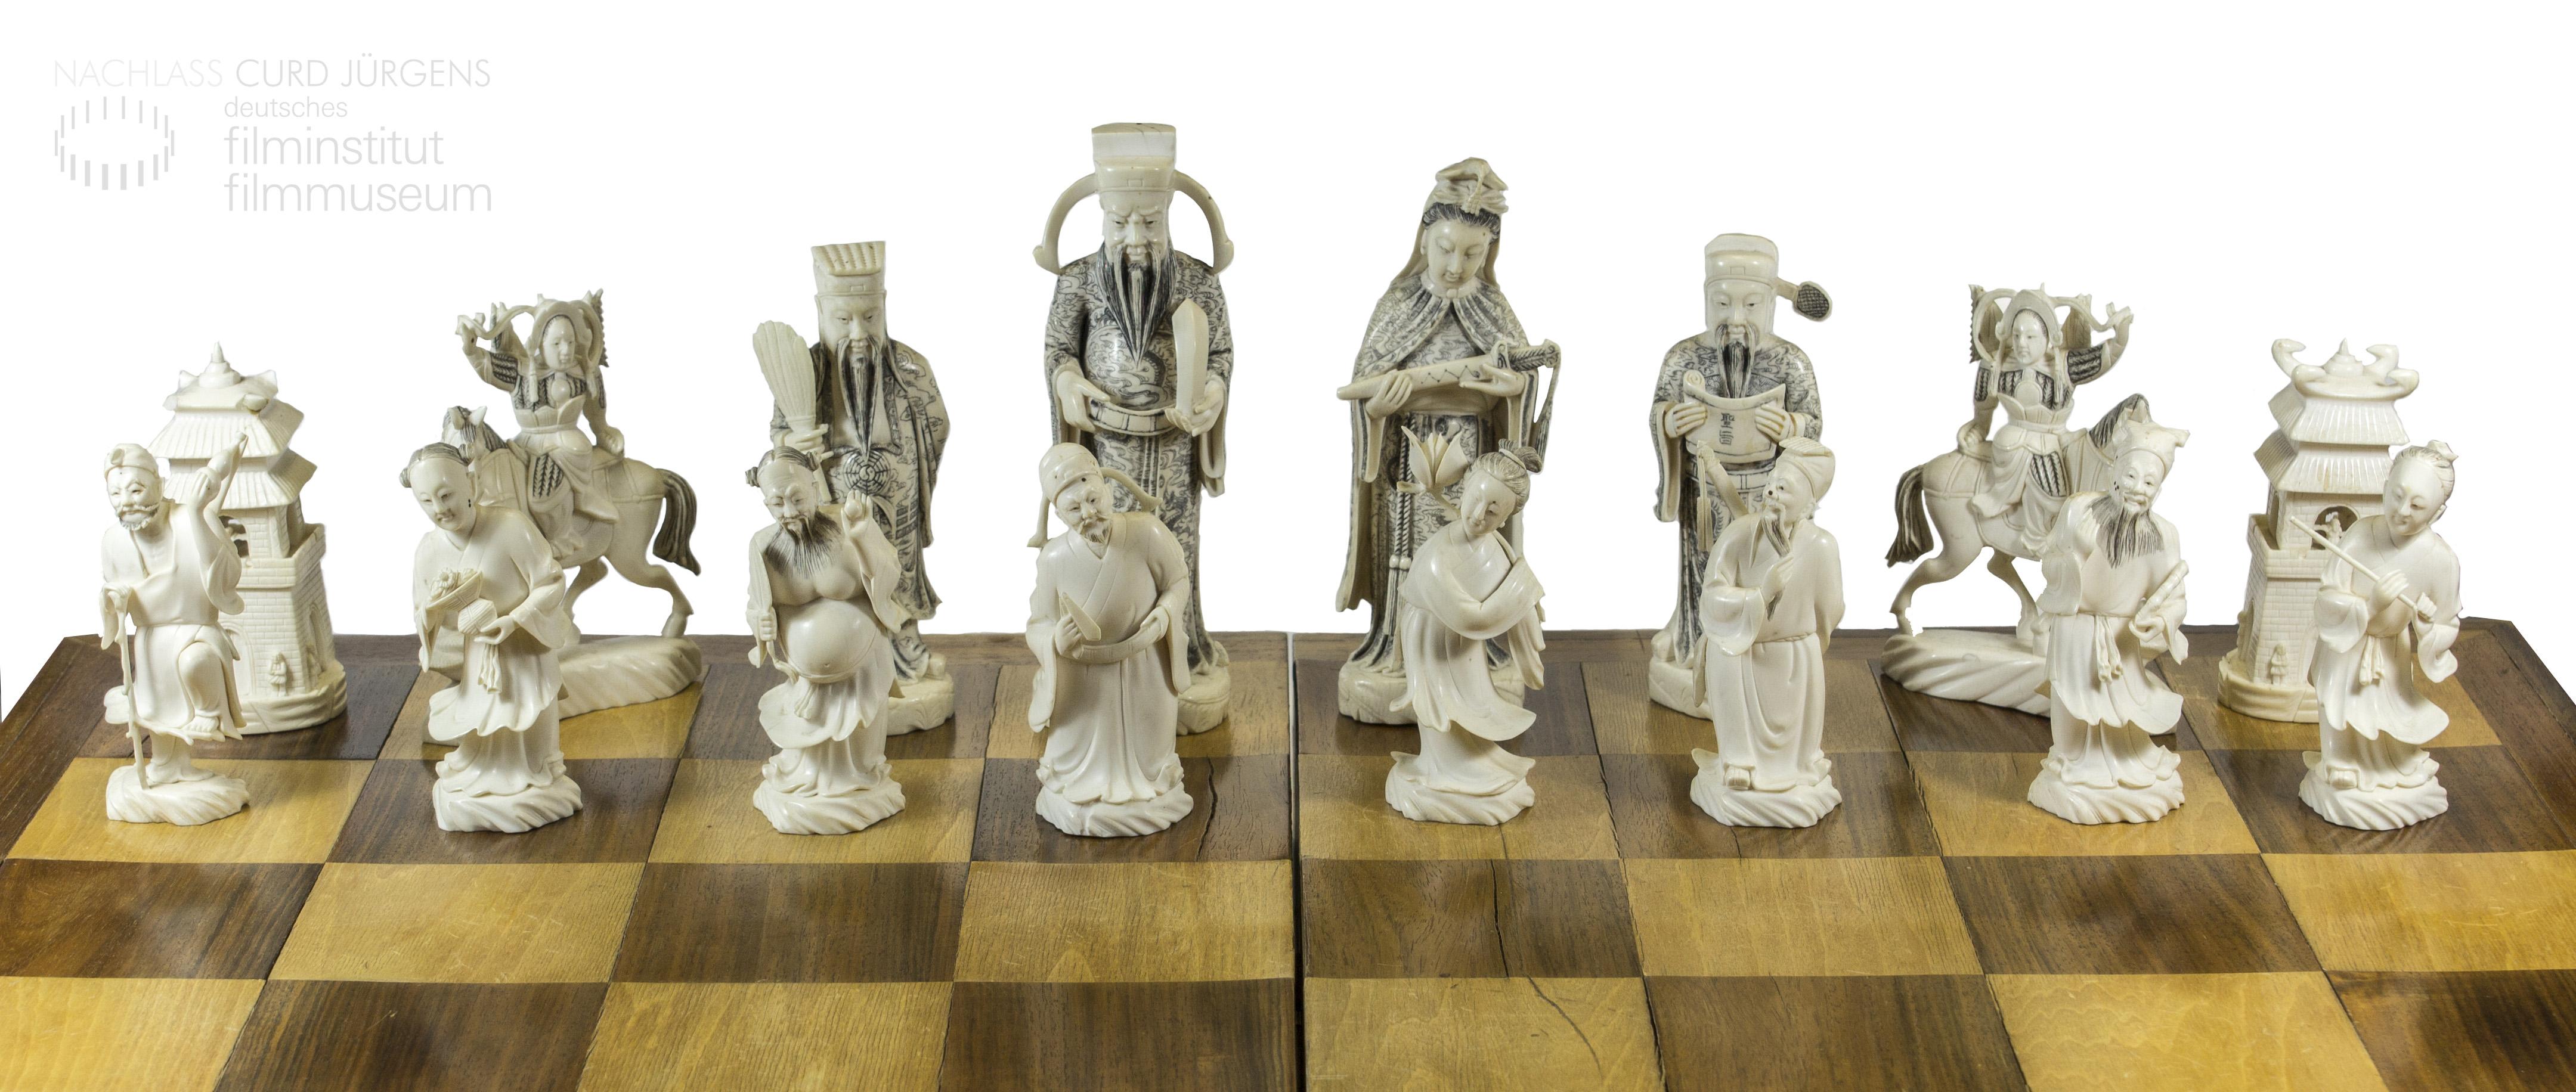 Curd Jürgens' Schachspiel, weiße Figuren